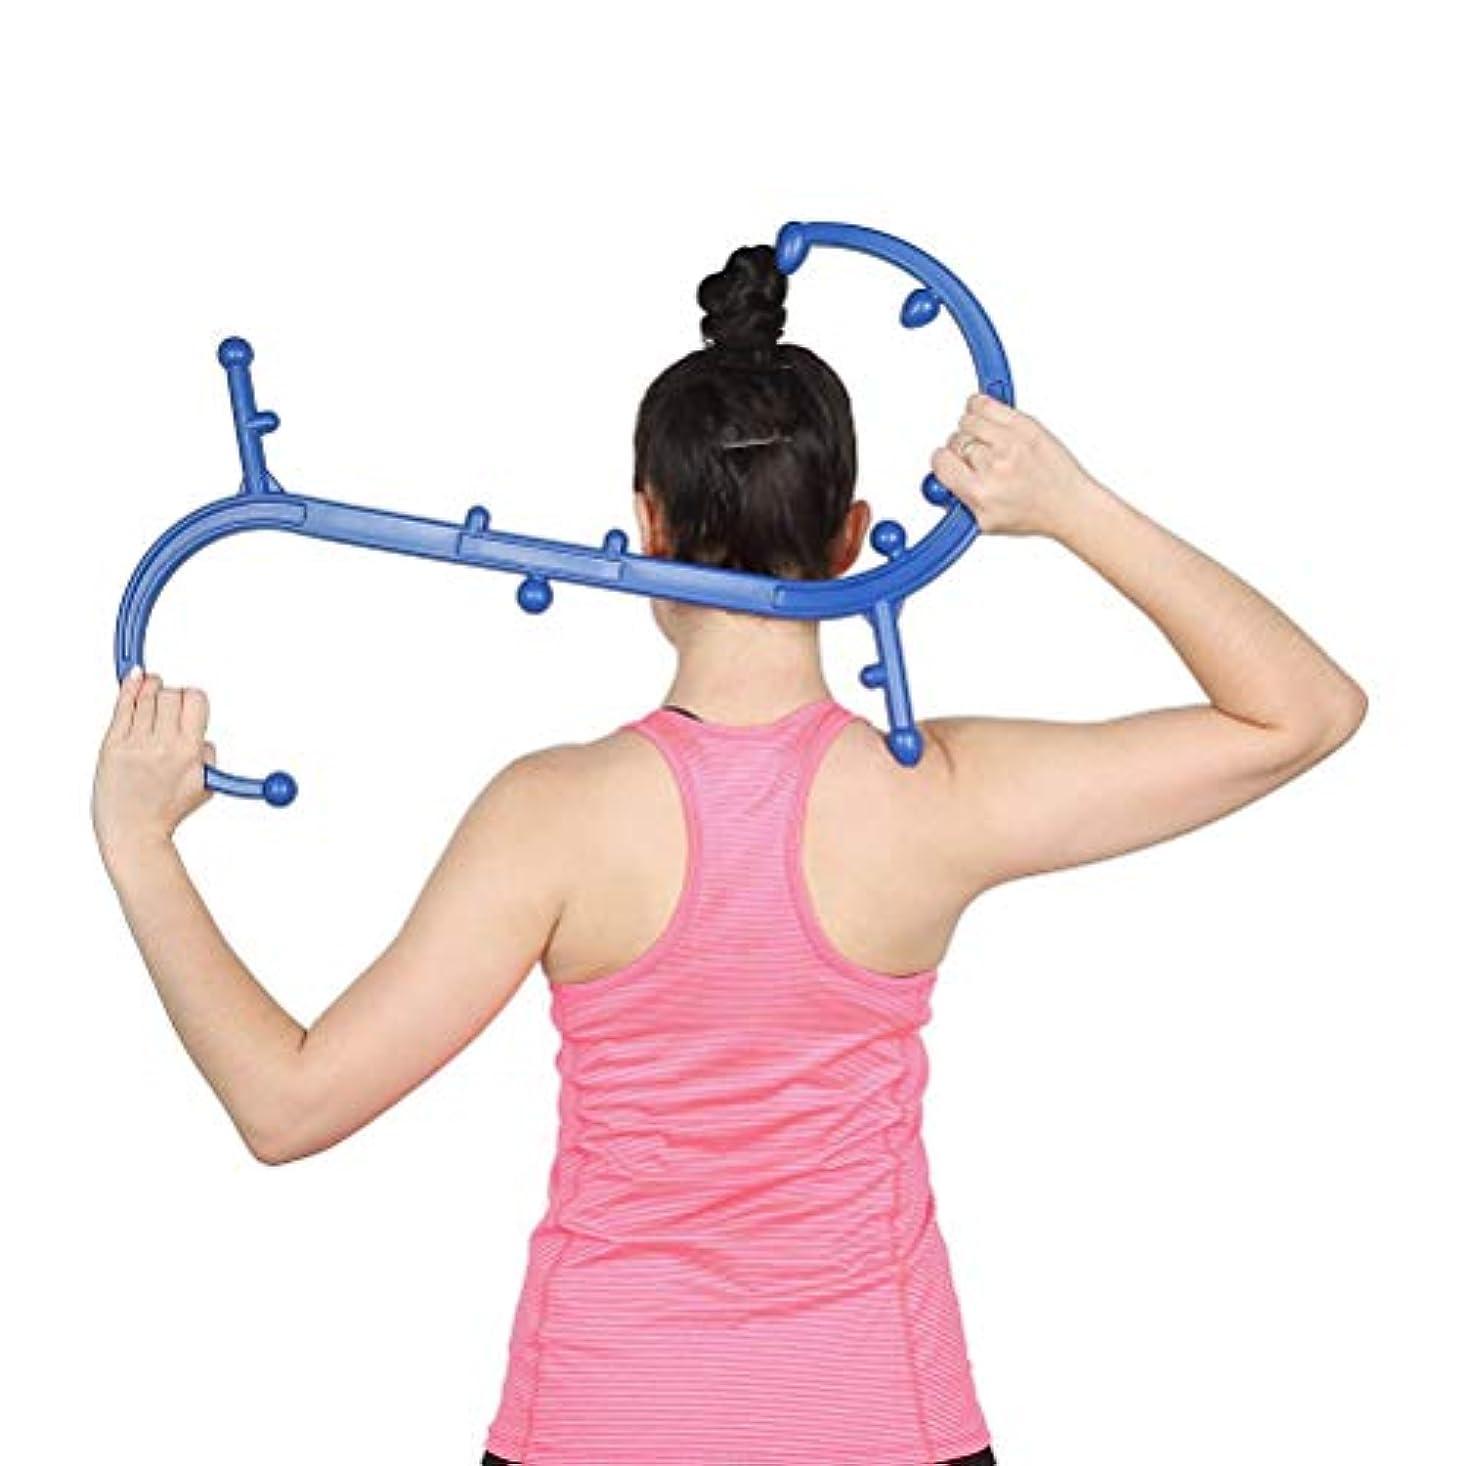 サンプル自我封筒Quner 指圧代用器 ボディバックバディ ツボ押しグッズ ネックマッサージャー 肩こり解消 Trigger Point Therapy Self Massage (ブルー)